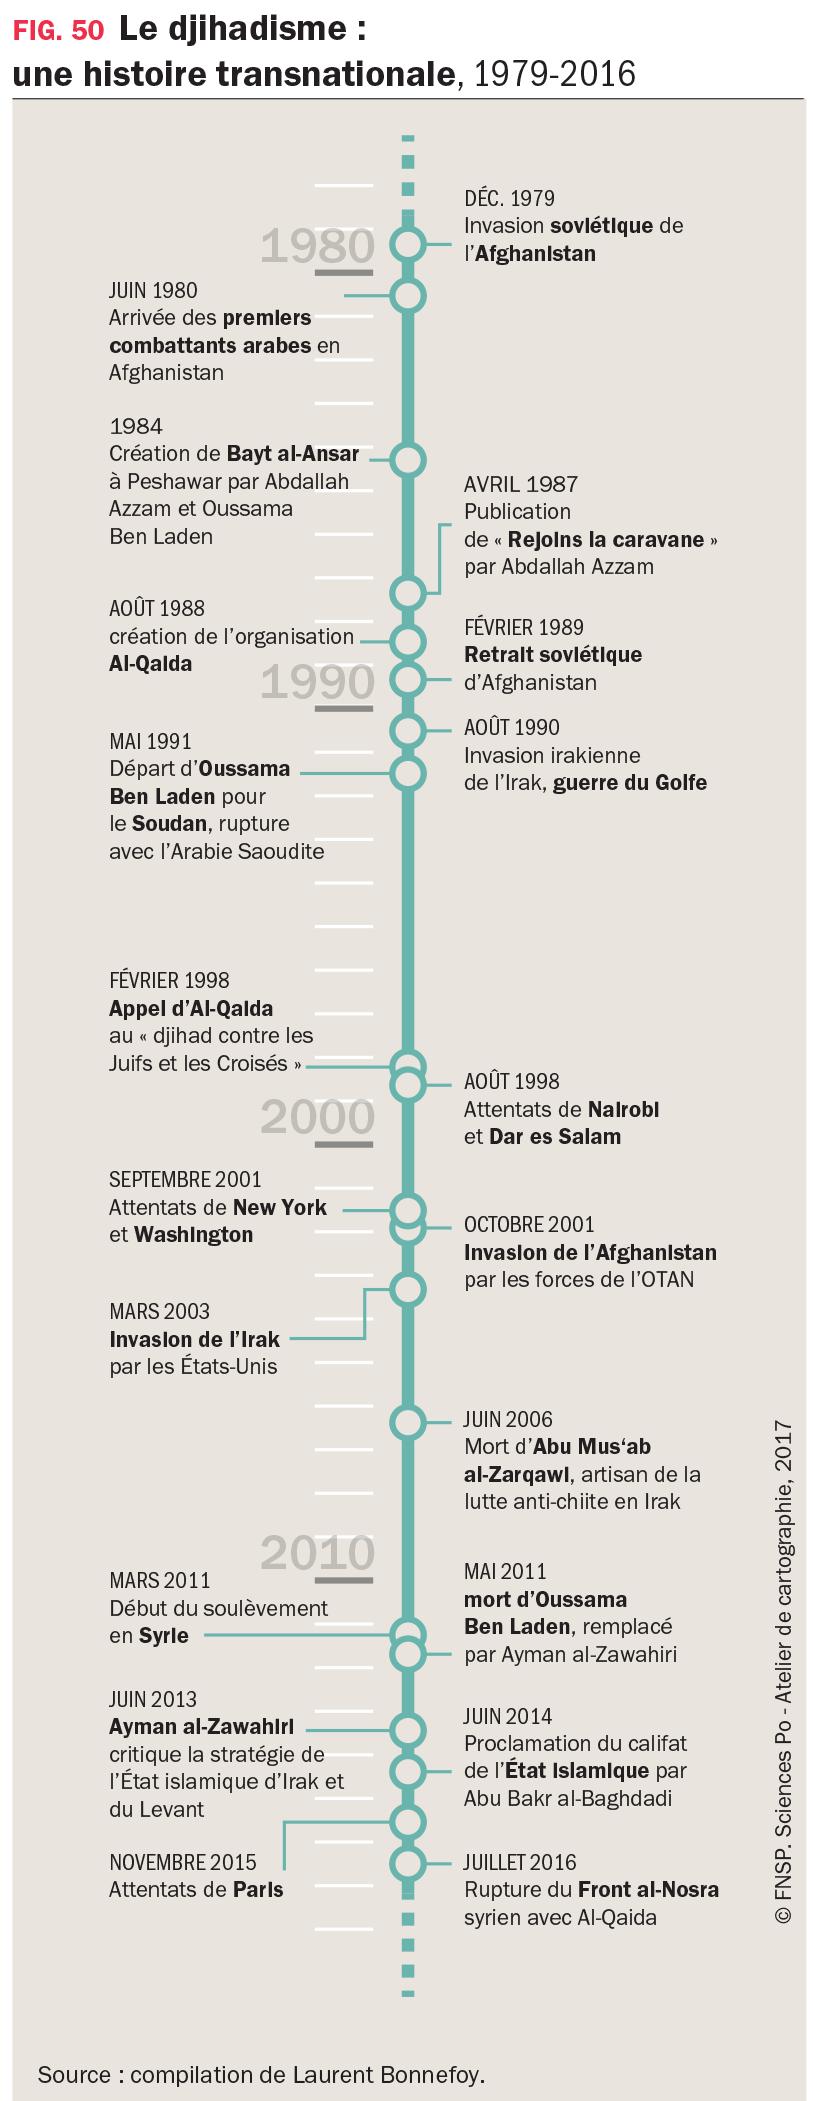 Graphique : Le djihadisme : une histoire transnationale, 1979-2016